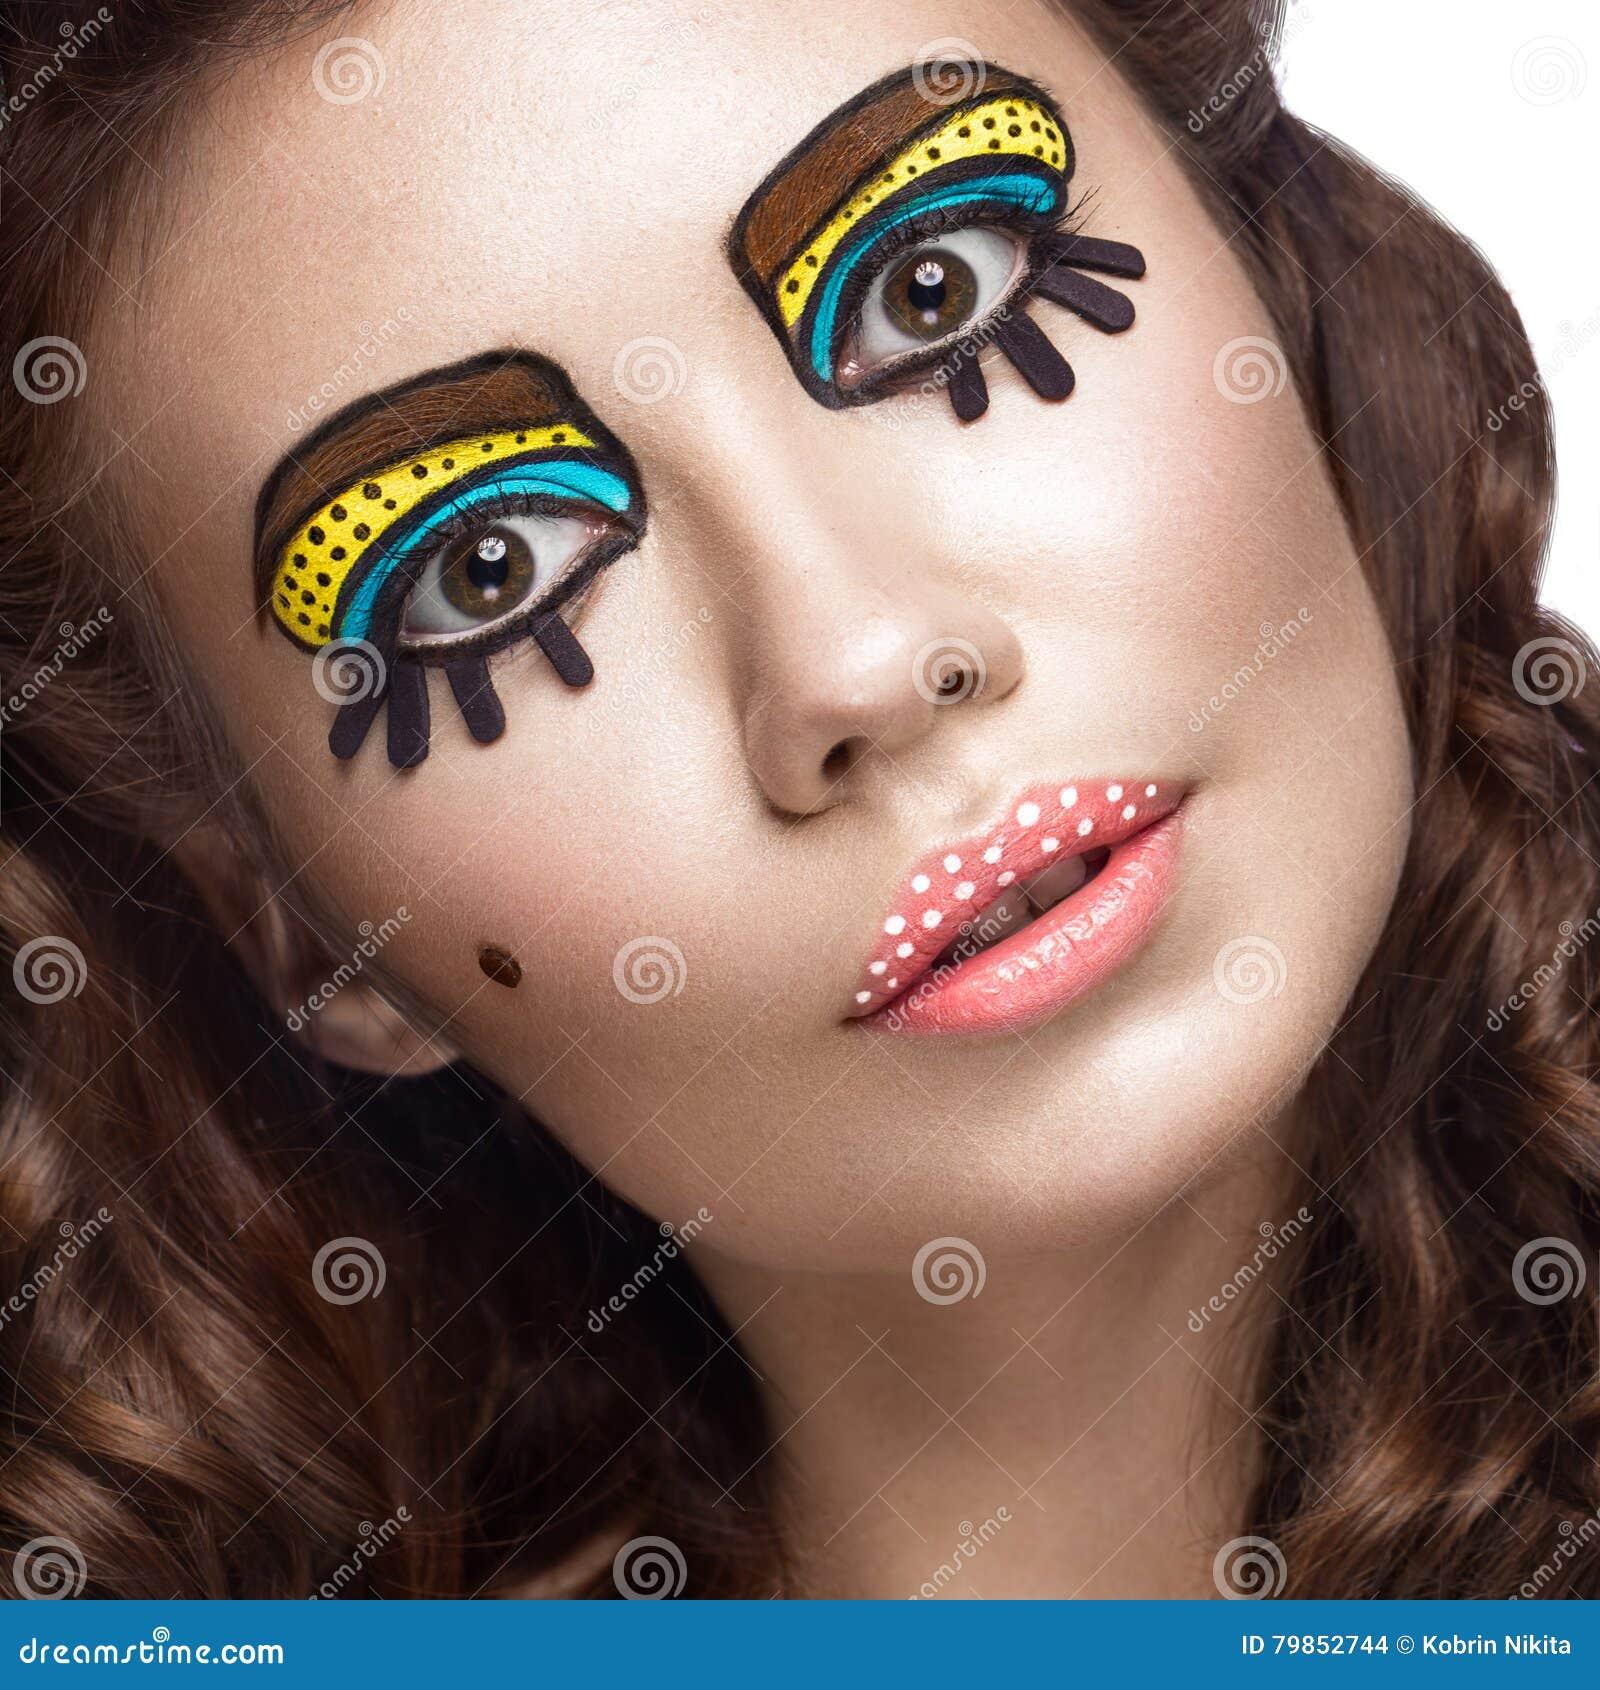 Foto der überraschten jungen Frau mit professionellem komischem Pop-Arten-Make-up und Designmaniküre Kreative Schönheitsart